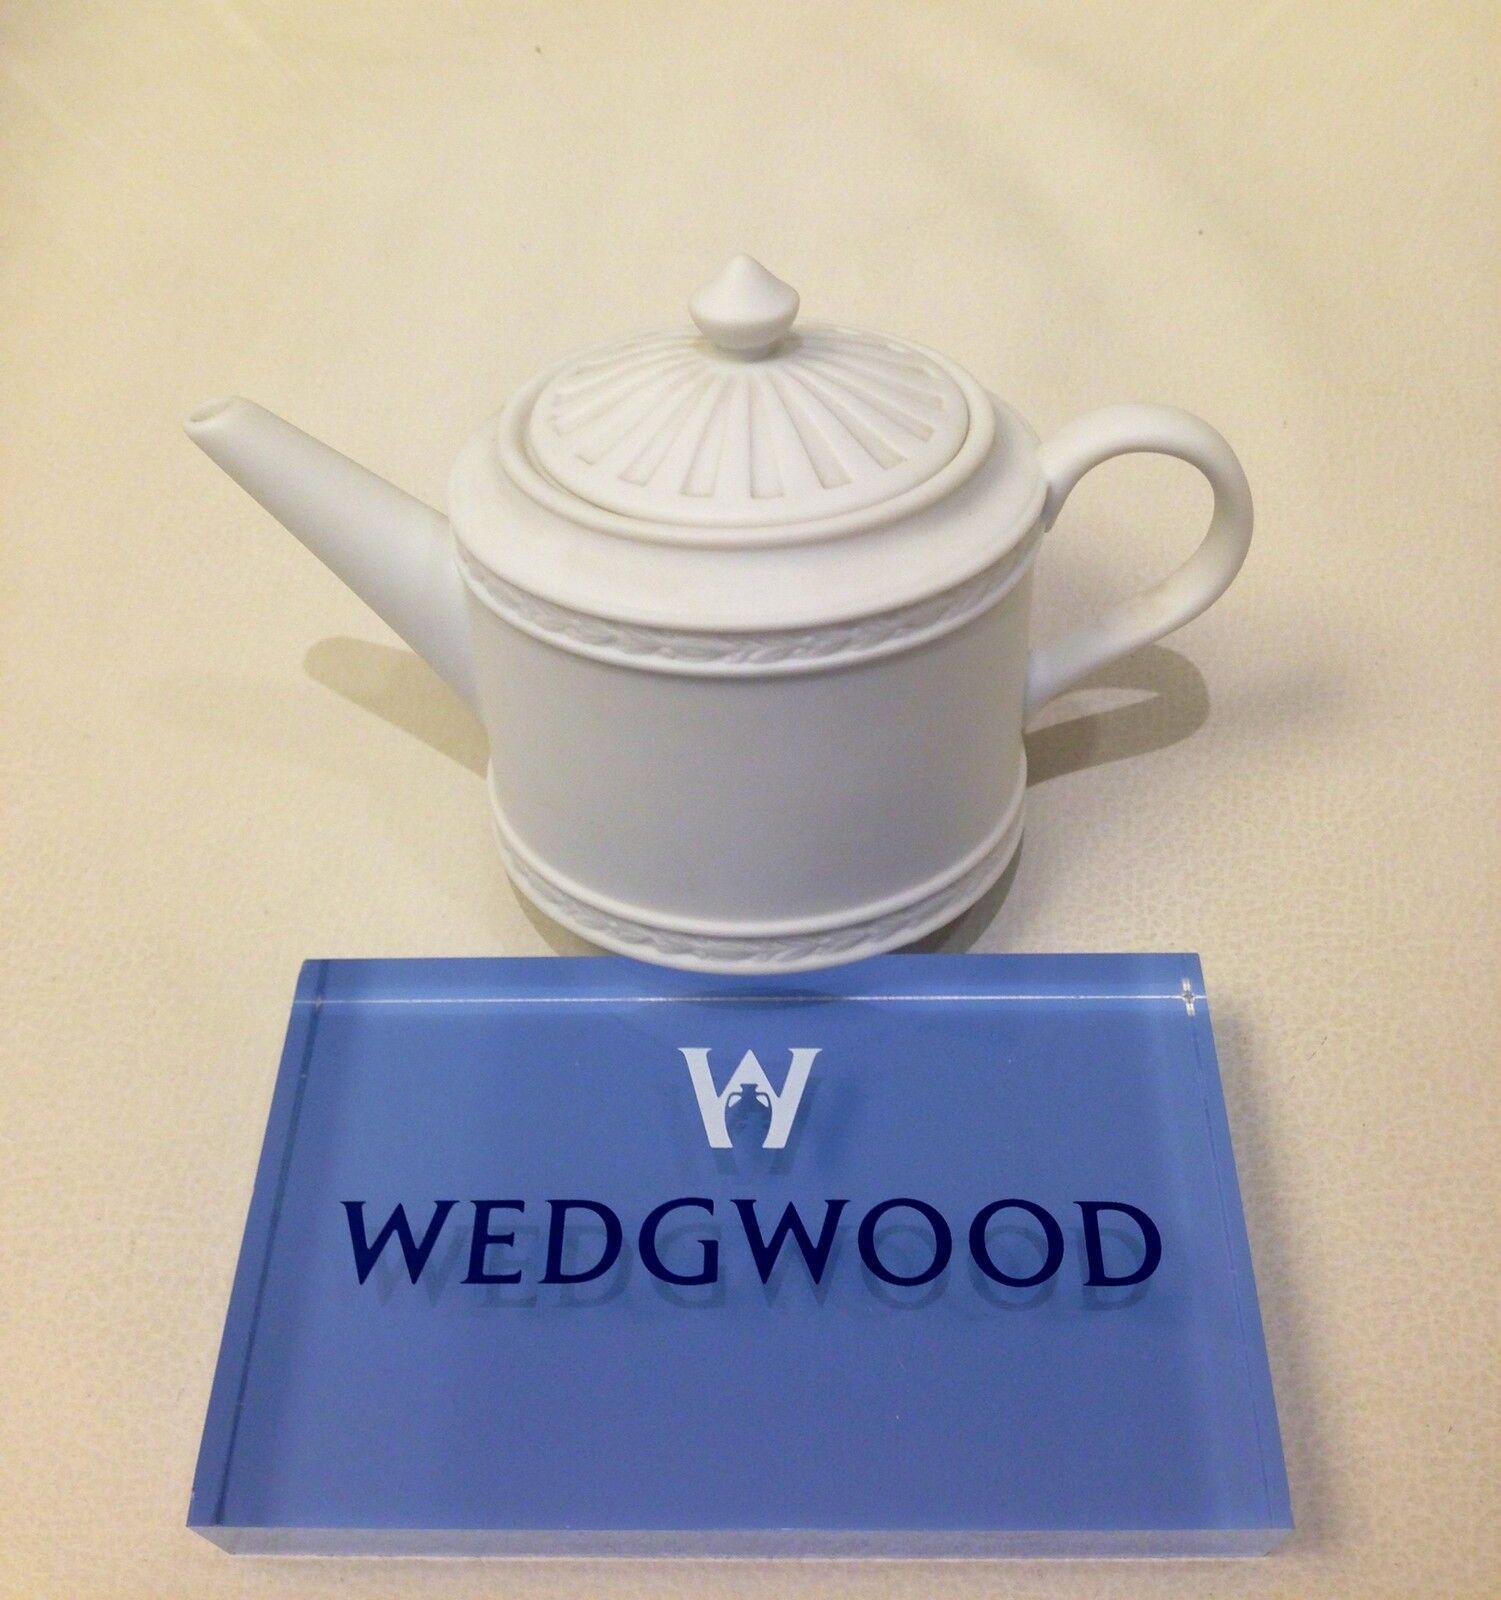 Teiera Kerzenhalter - Porzellan - 9 Uhr Rosan - - - Wedgwood 5db8b2